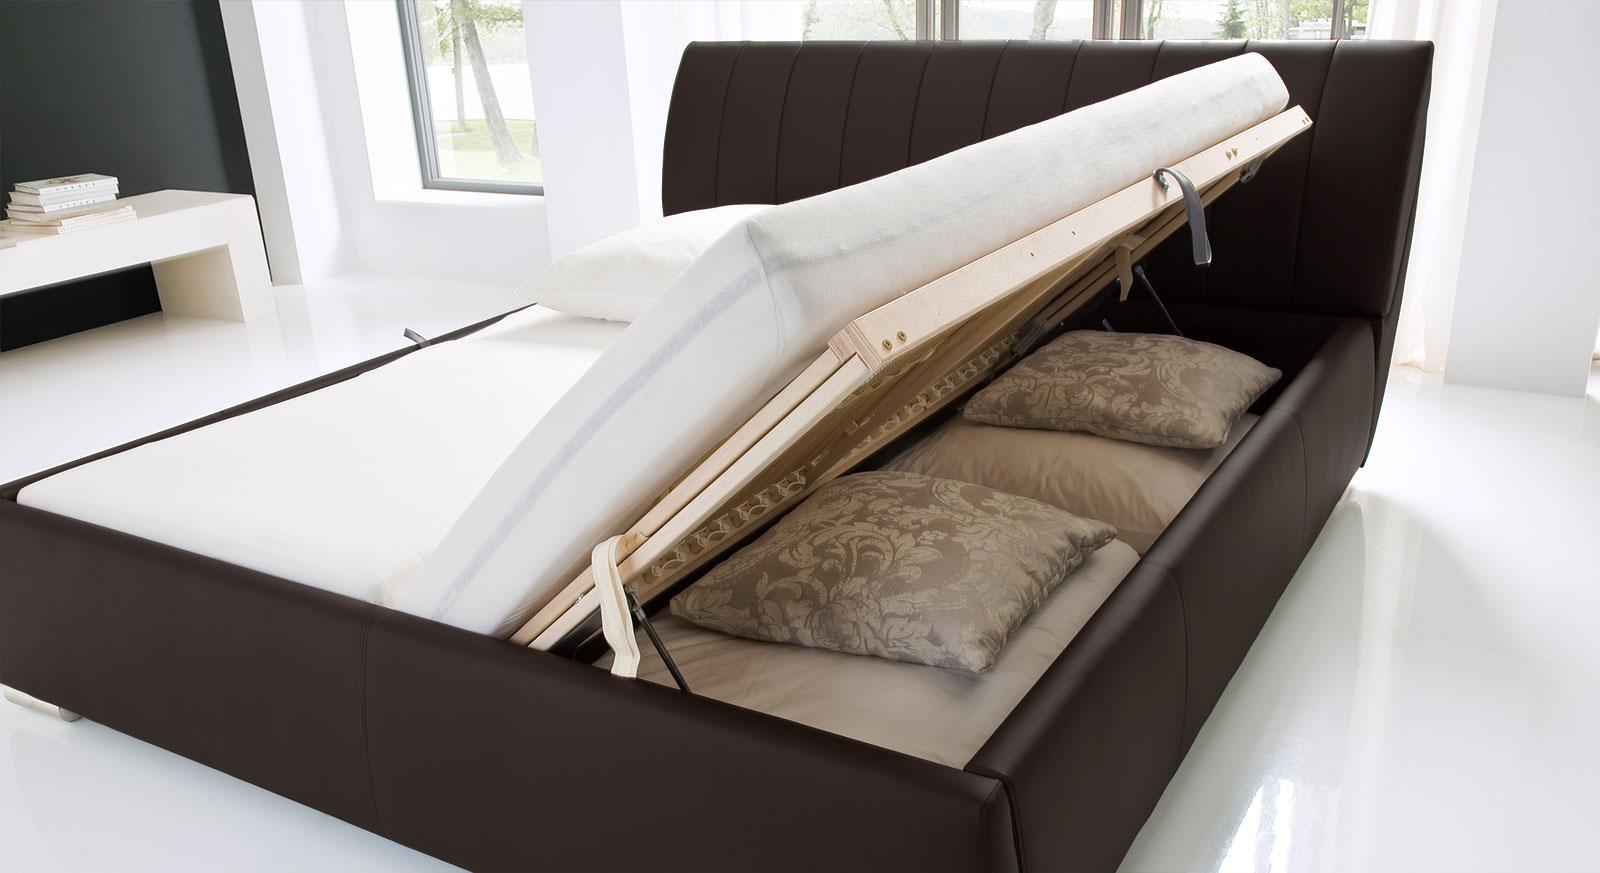 Full Size of Bett Nussbaum Betten überlänge Mit Schubladen Weiß Schrank Ohne Kopfteil 120x200 140x200 Günstig 1 40 Holz Bett Bett 180x200 Bettkasten